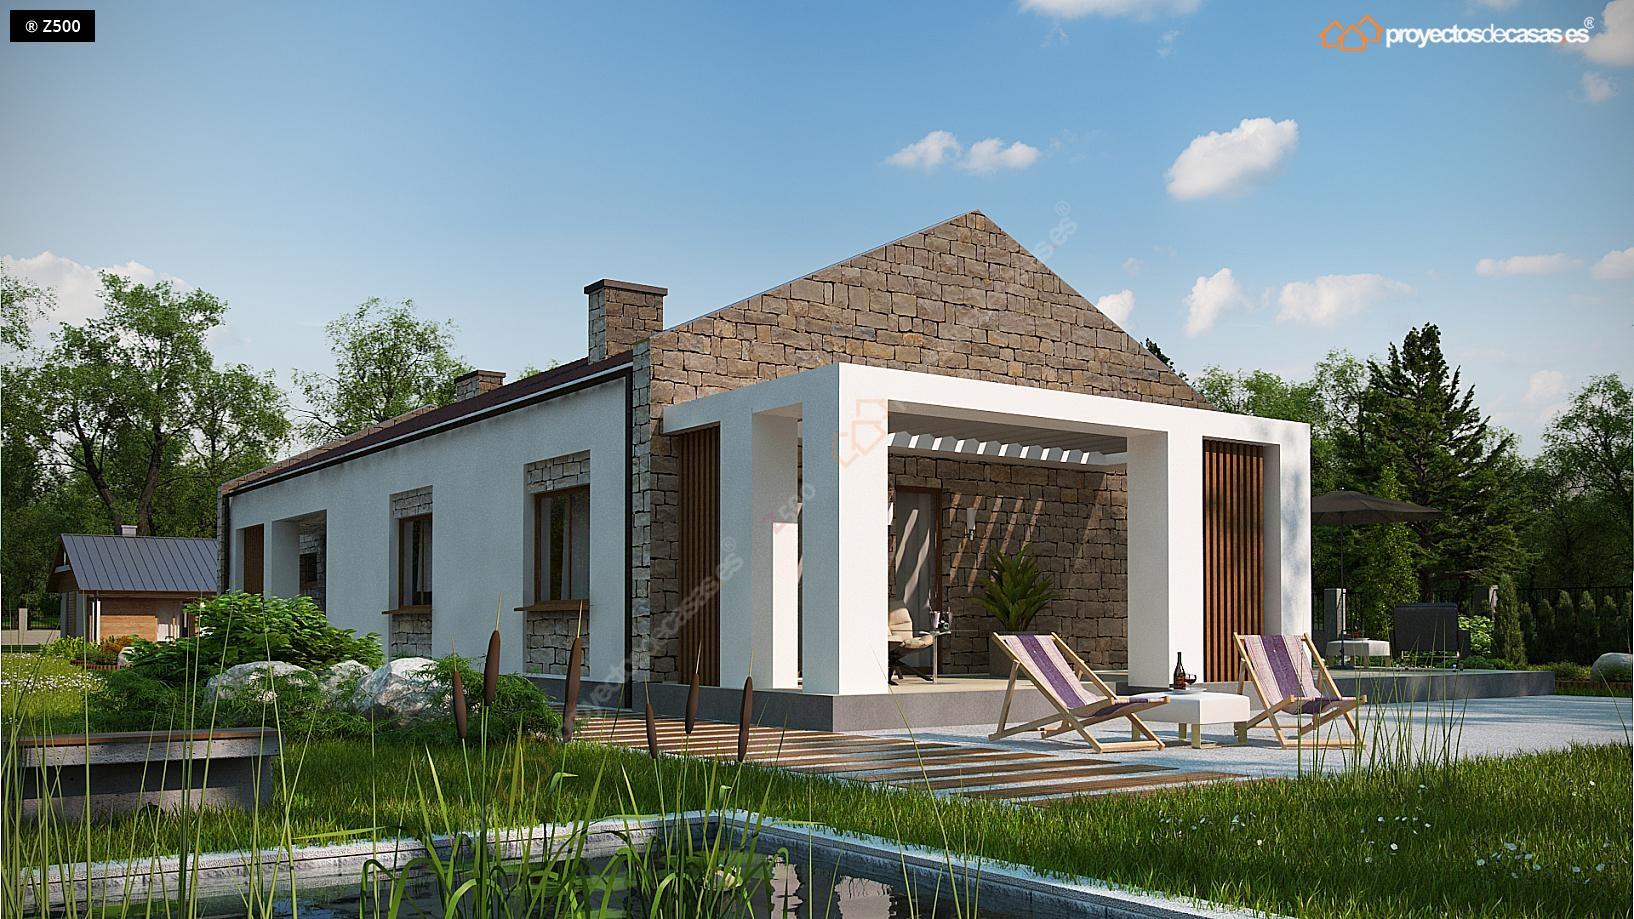 Proyectos de casas casa de campo con piedras for Casas ideas y proyectos